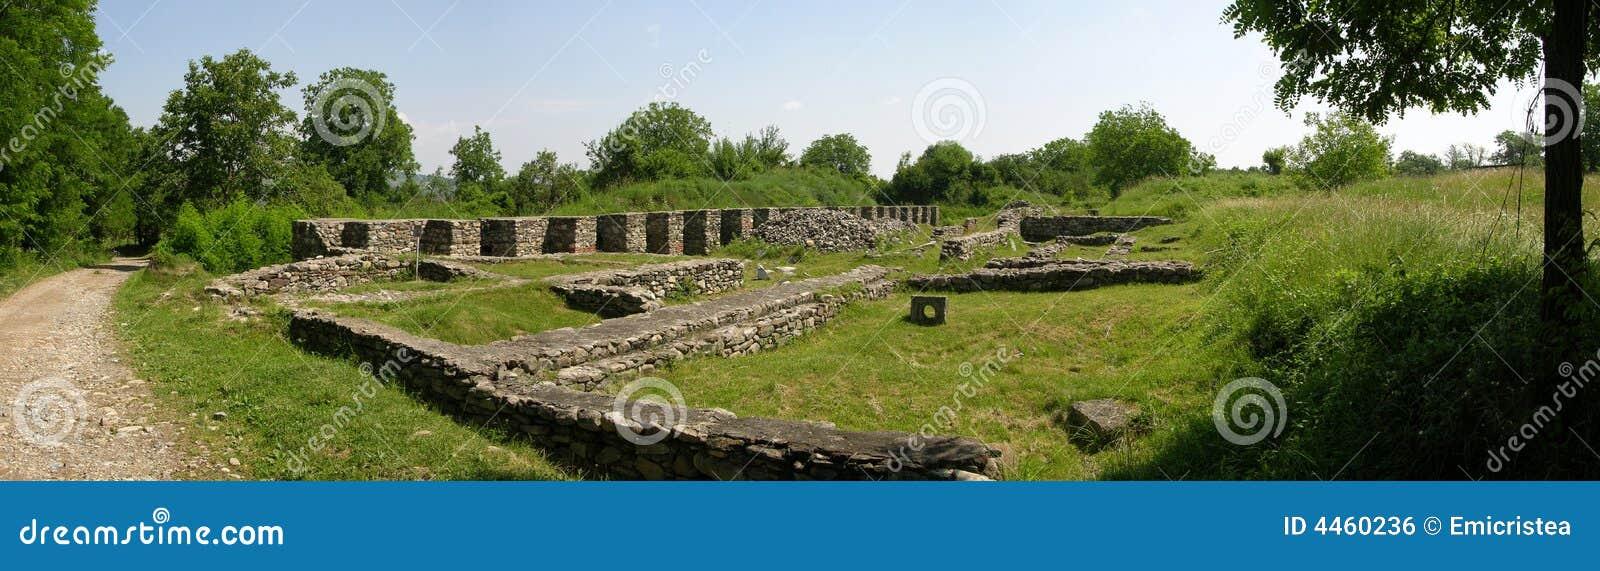 Ruínas dos romanos em Romania